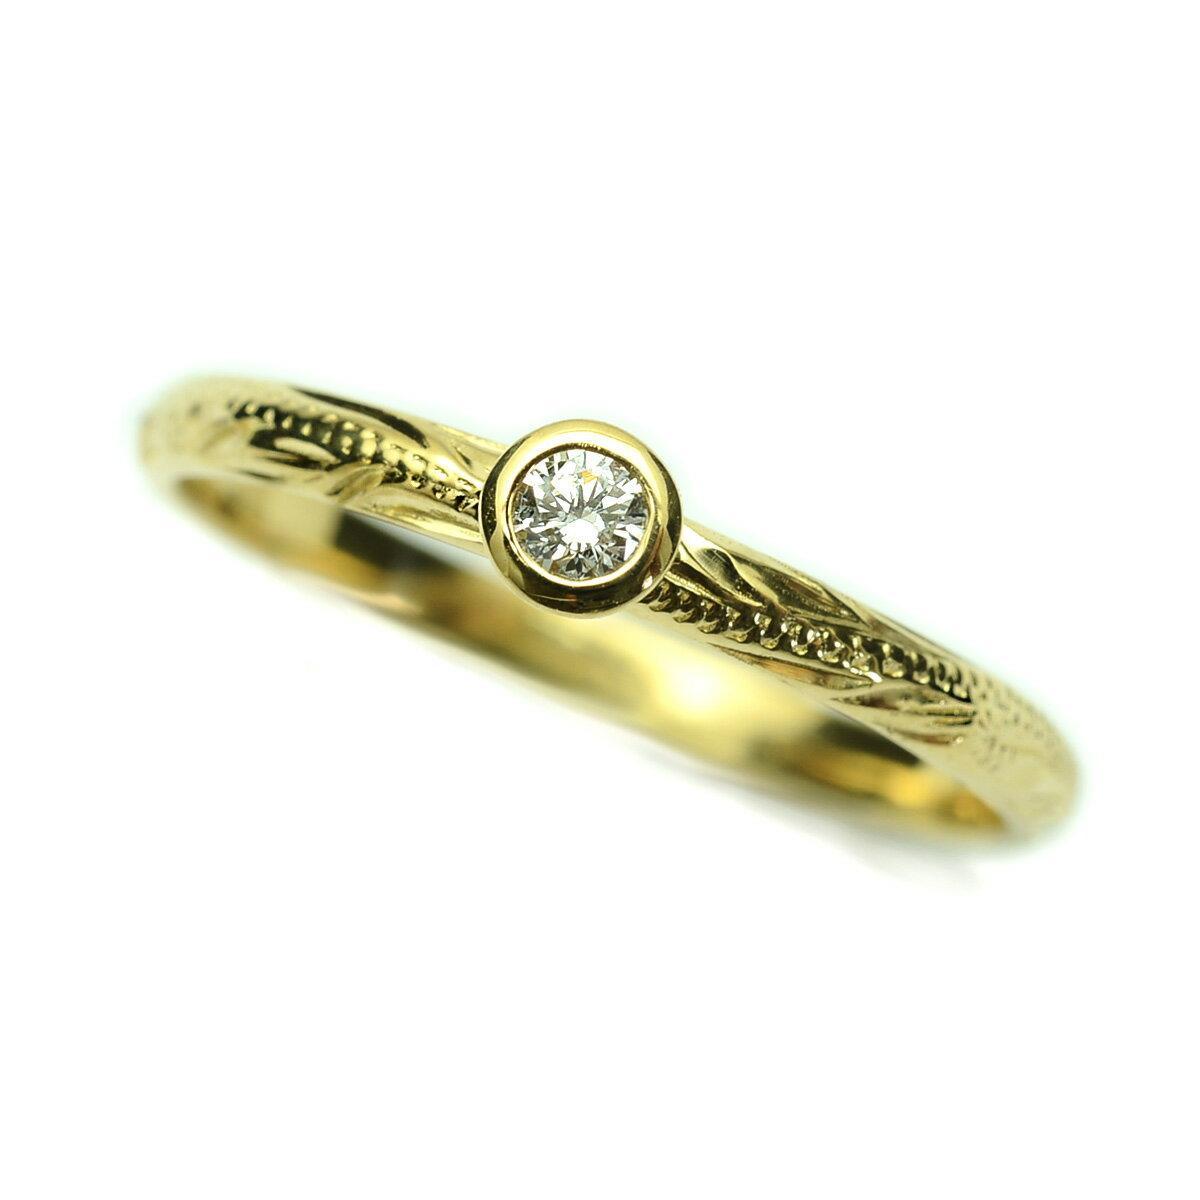 一粒 ダイヤモンド リング 指輪 ハワイアンジュエリー アクセサリー レディース 女性 ひと粒ダイヤ シルキー ゴールドリング(K18 18k ゴールド 18金 幅2mm イエローゴールド) 華奢 arig6581 クリスマス プレゼント